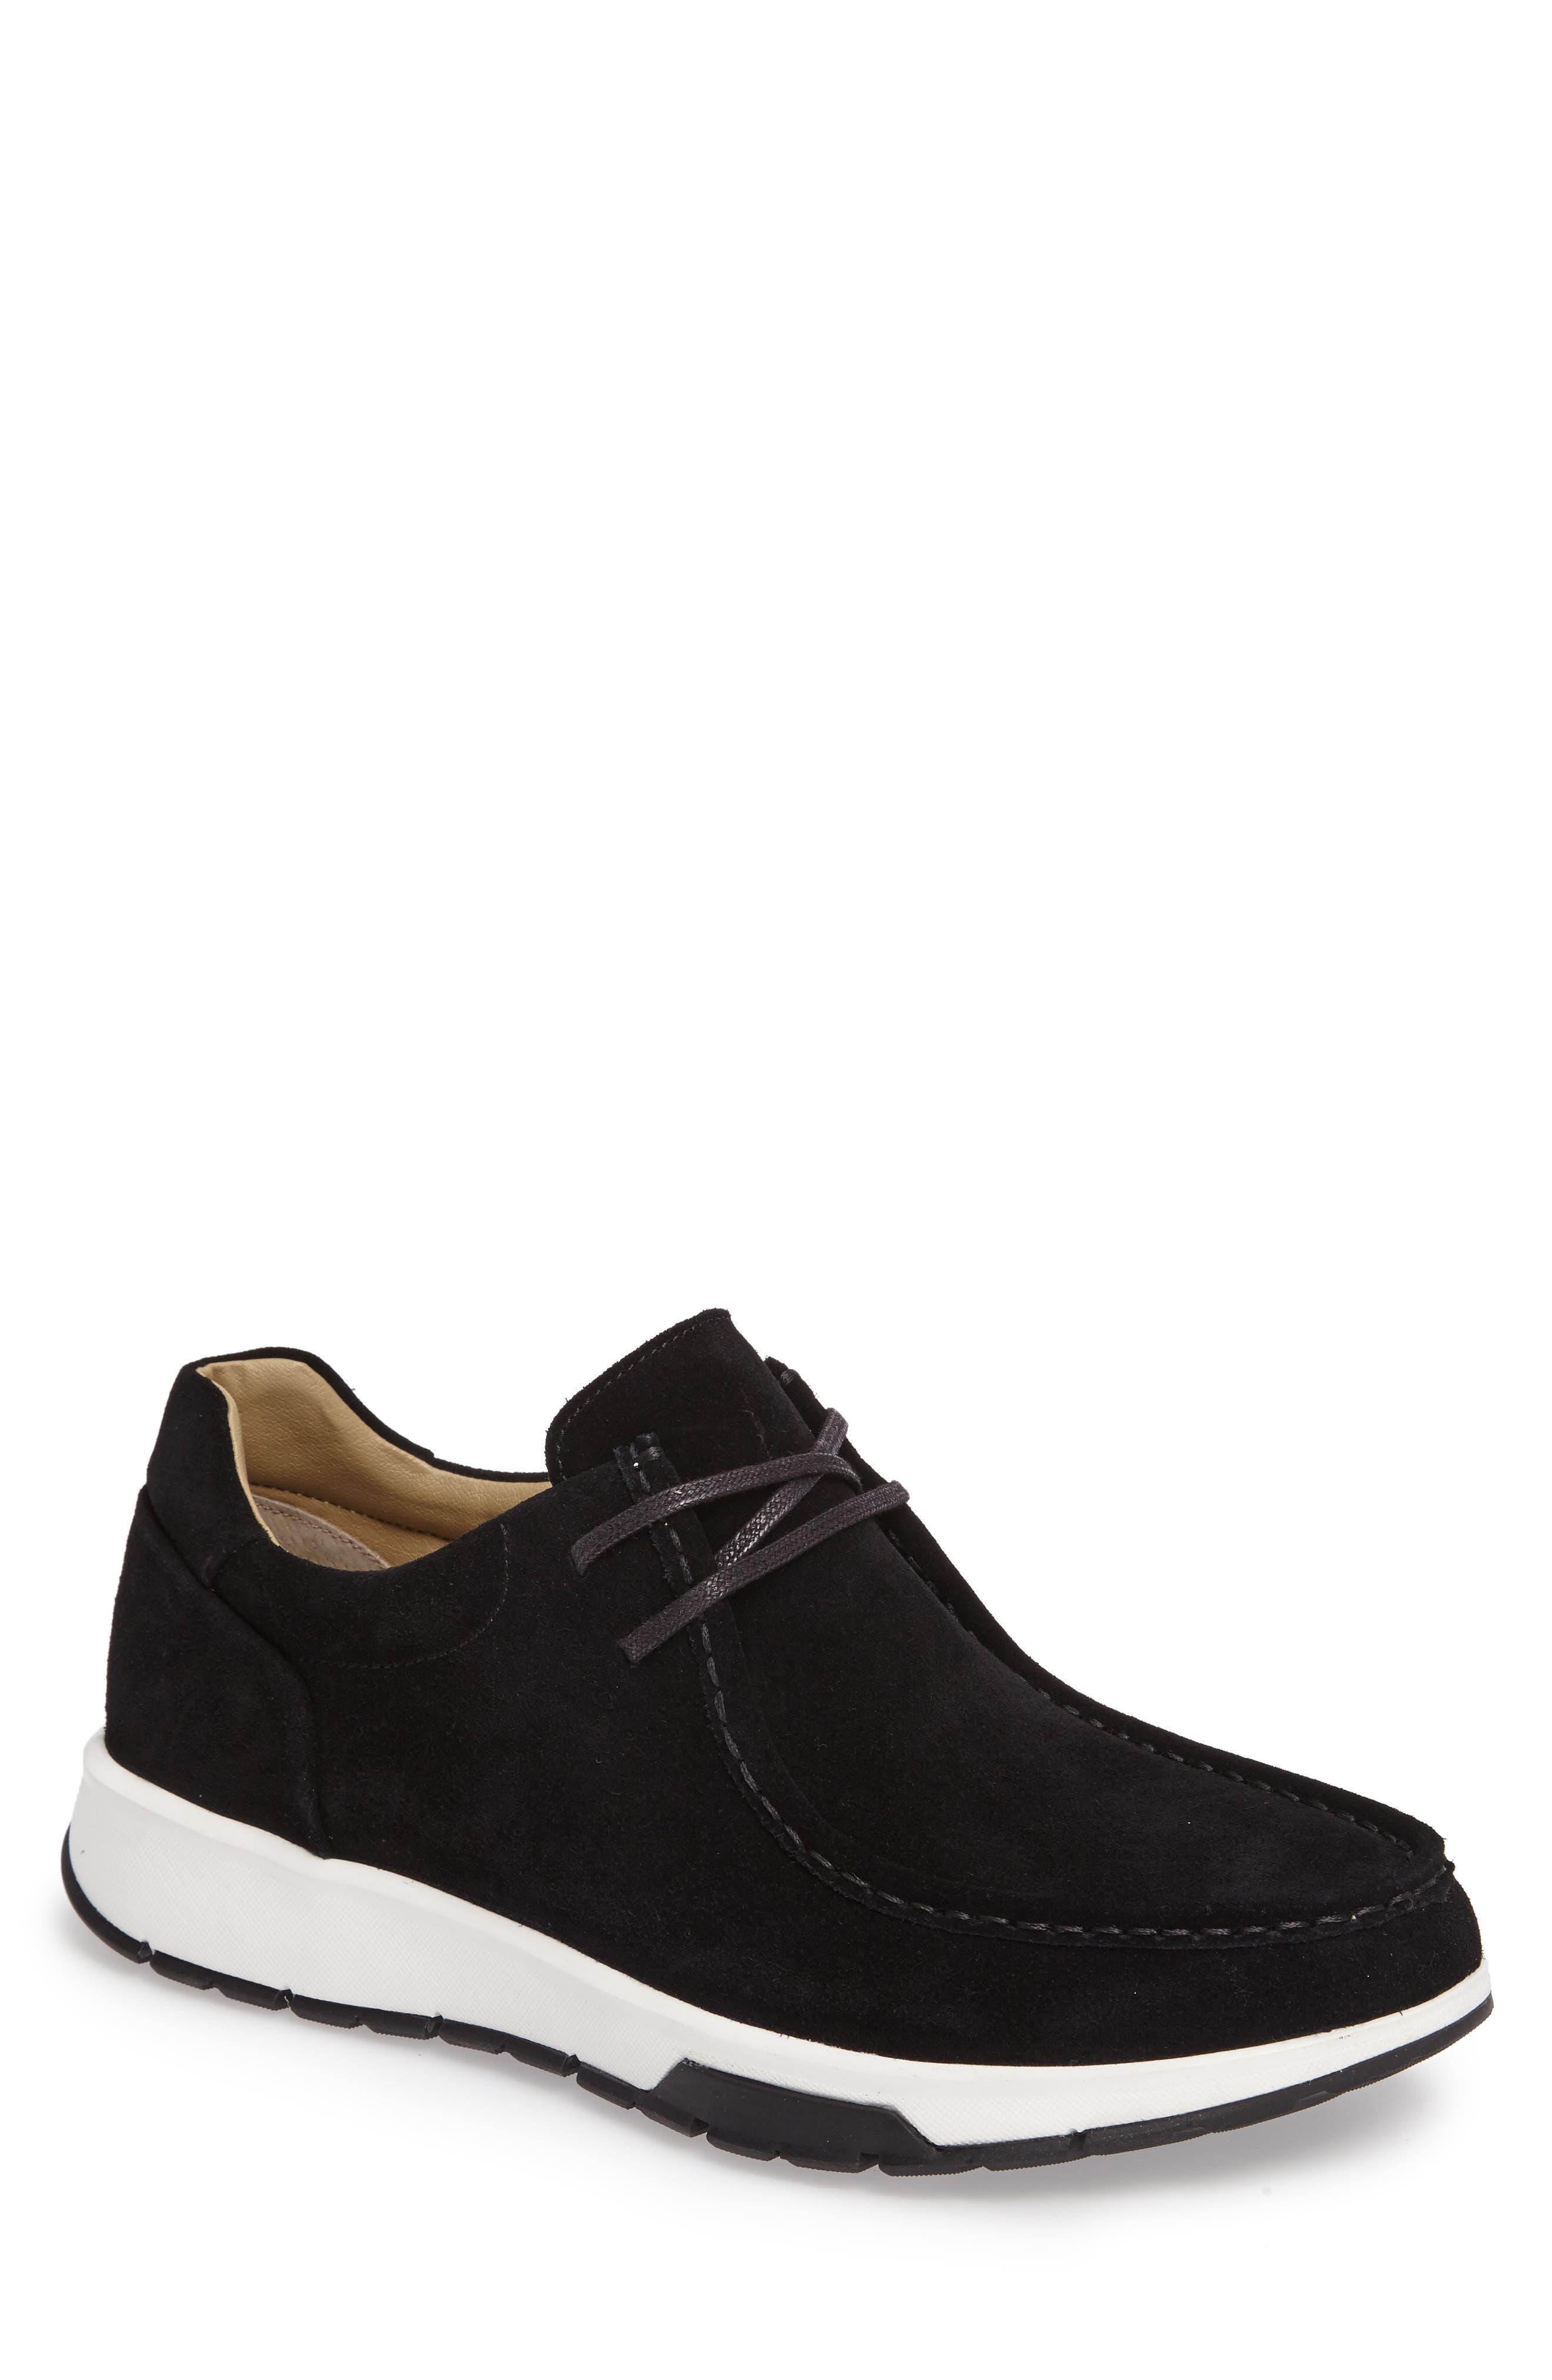 Alternate Image 1 Selected - Calvin Klein Kingsley Chukka Sneaker (Men)